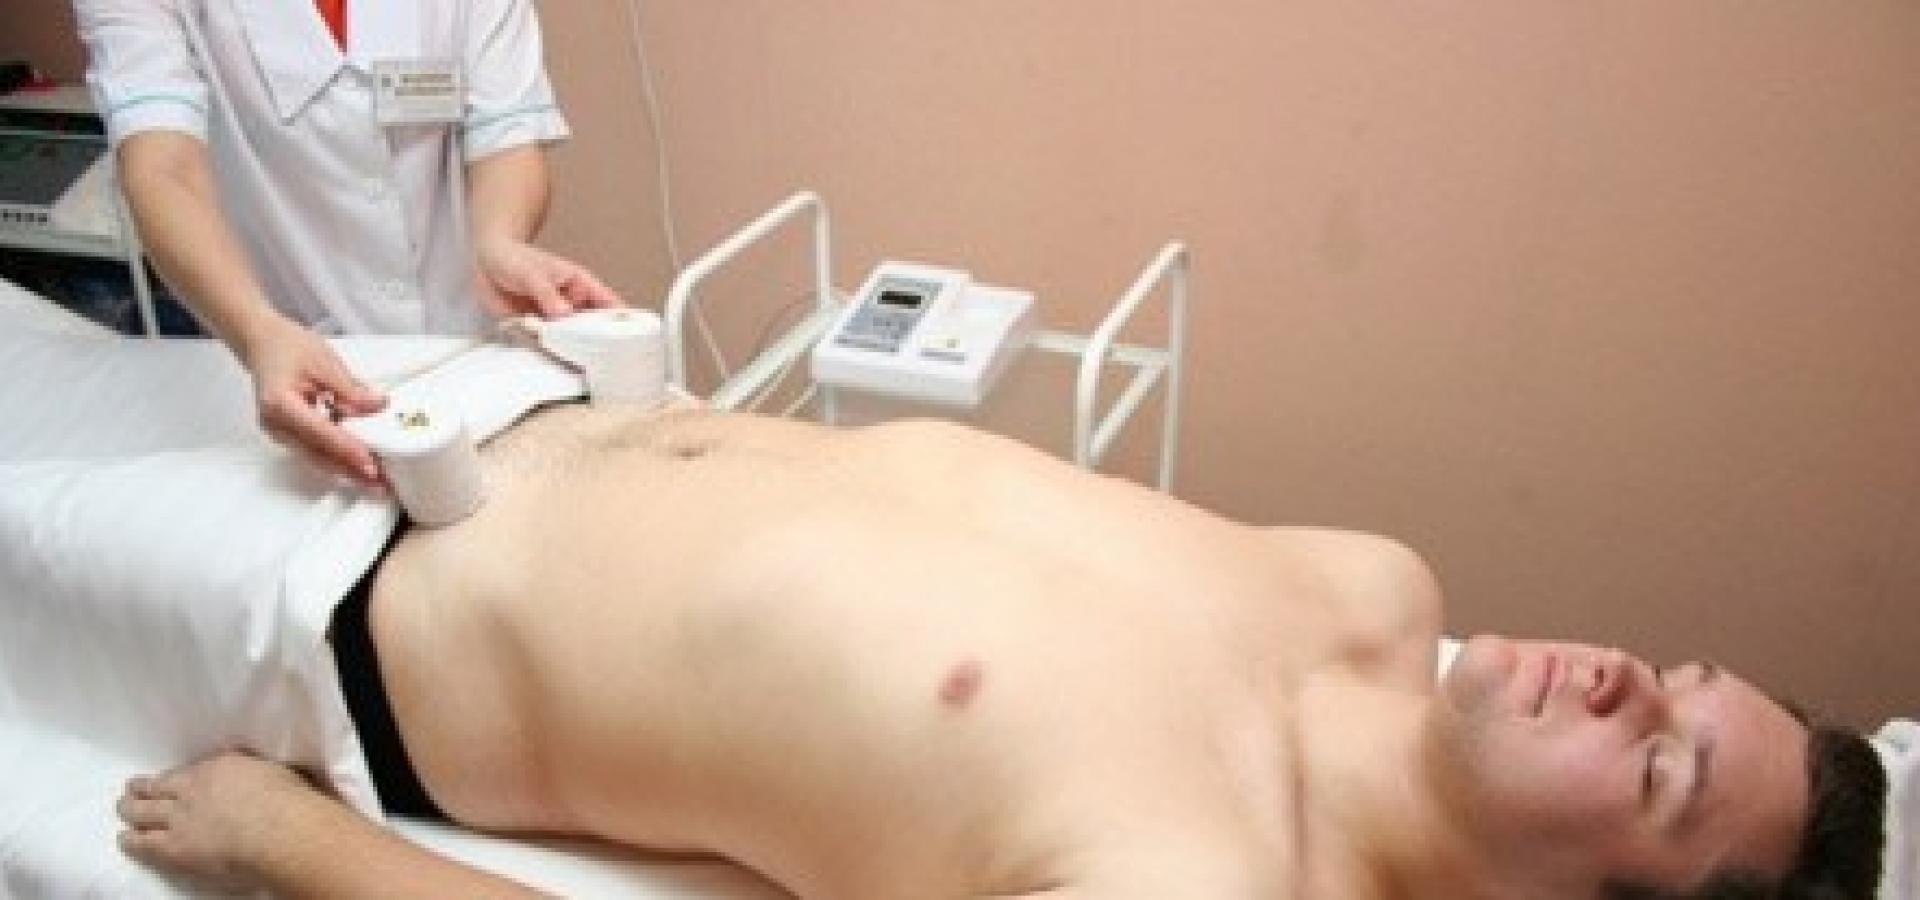 Фимоз: причины заболевания, основные симптомы, лечение и профилактика